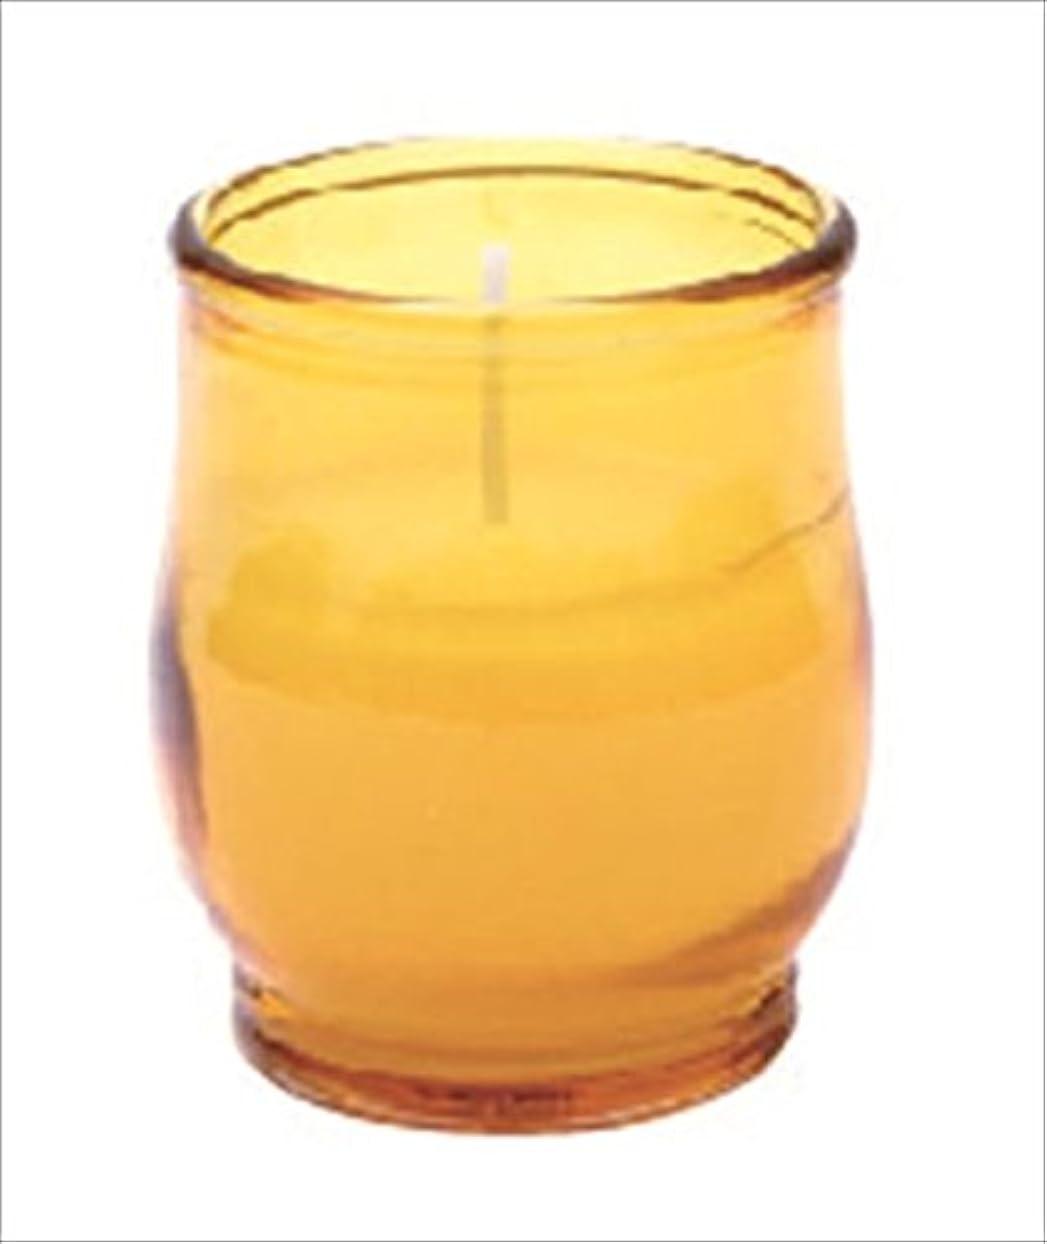 工夫するパトロール柔らかいkameyama candle(カメヤマキャンドル) ポシェ 「 アンバー 」 キャンドル 68x68x80mm (73020040AM)